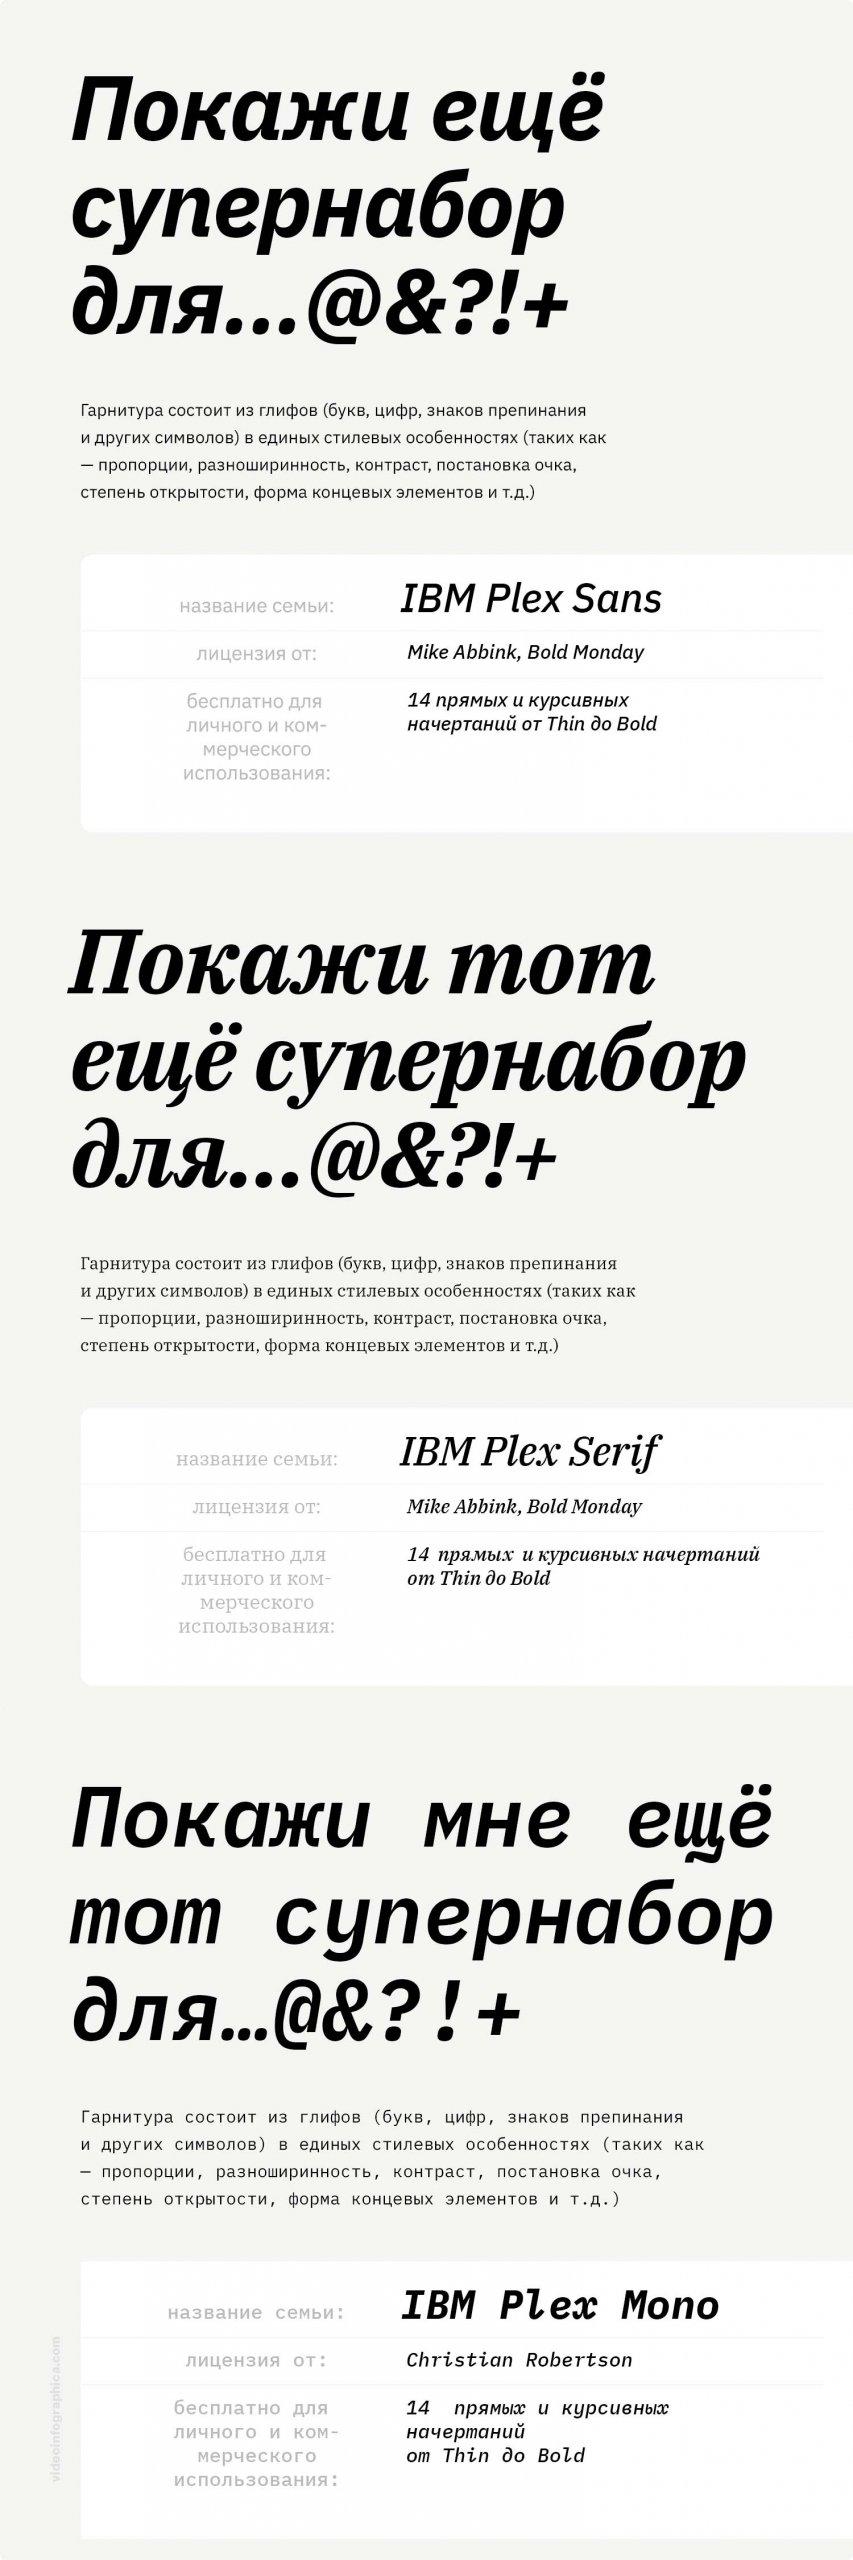 IBM Plex Sans, IBM Plex Serif, IBM Plex Mono